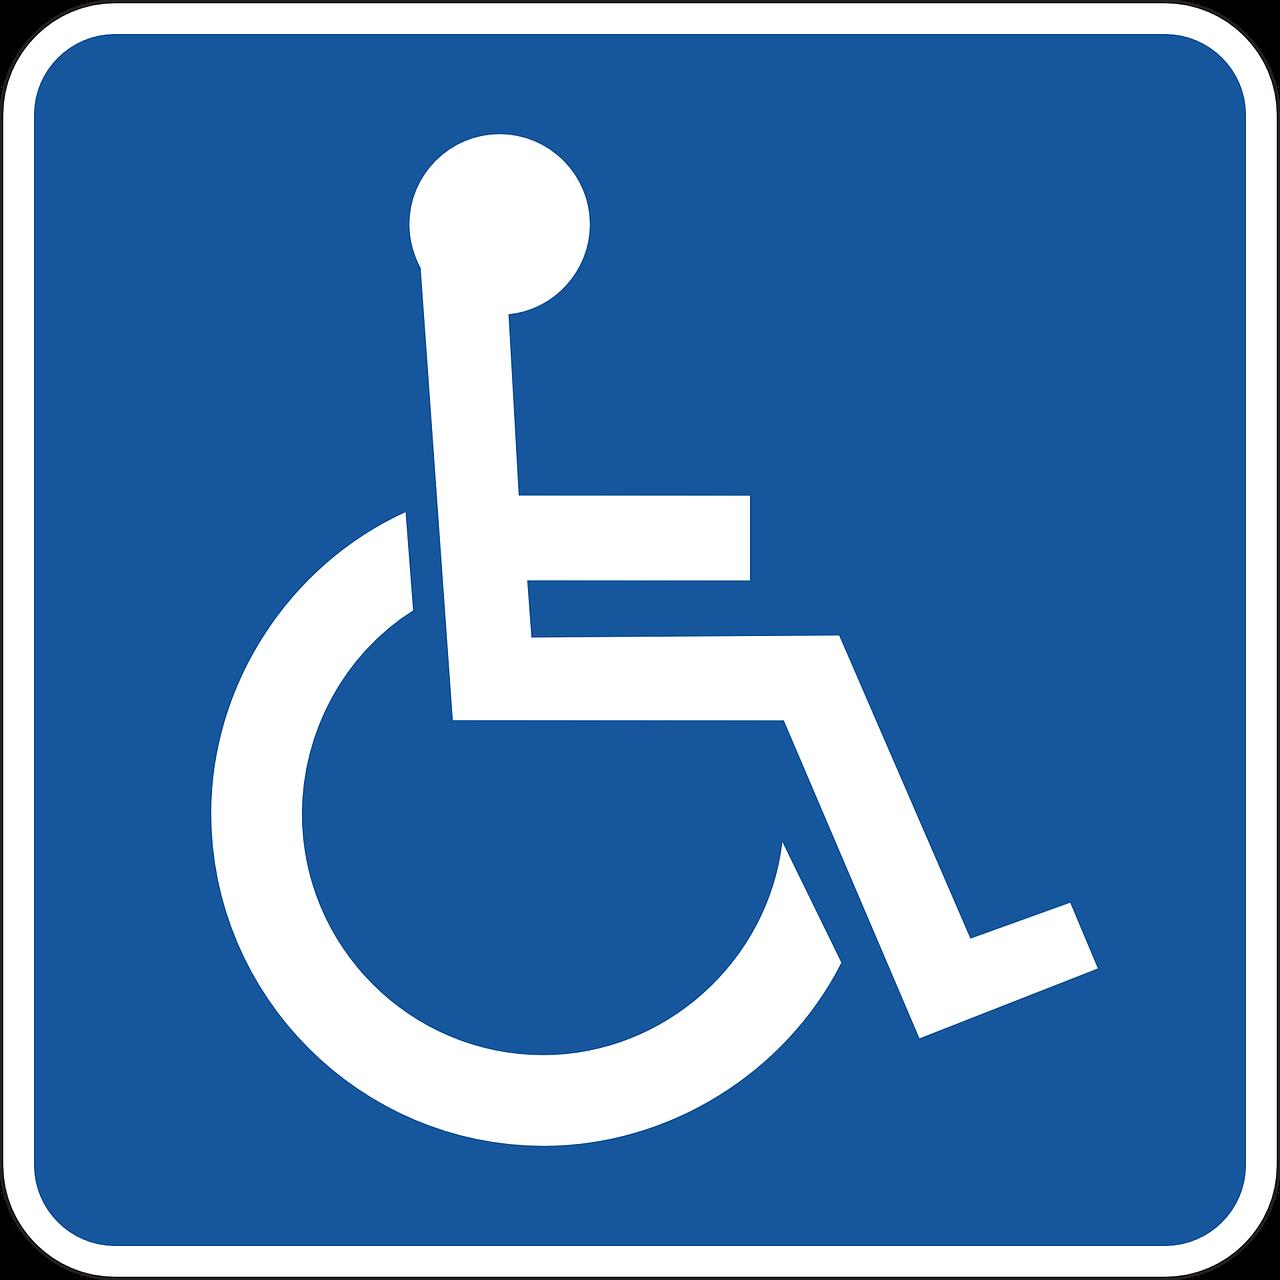 Regler om brug af handicapkort ved parkering